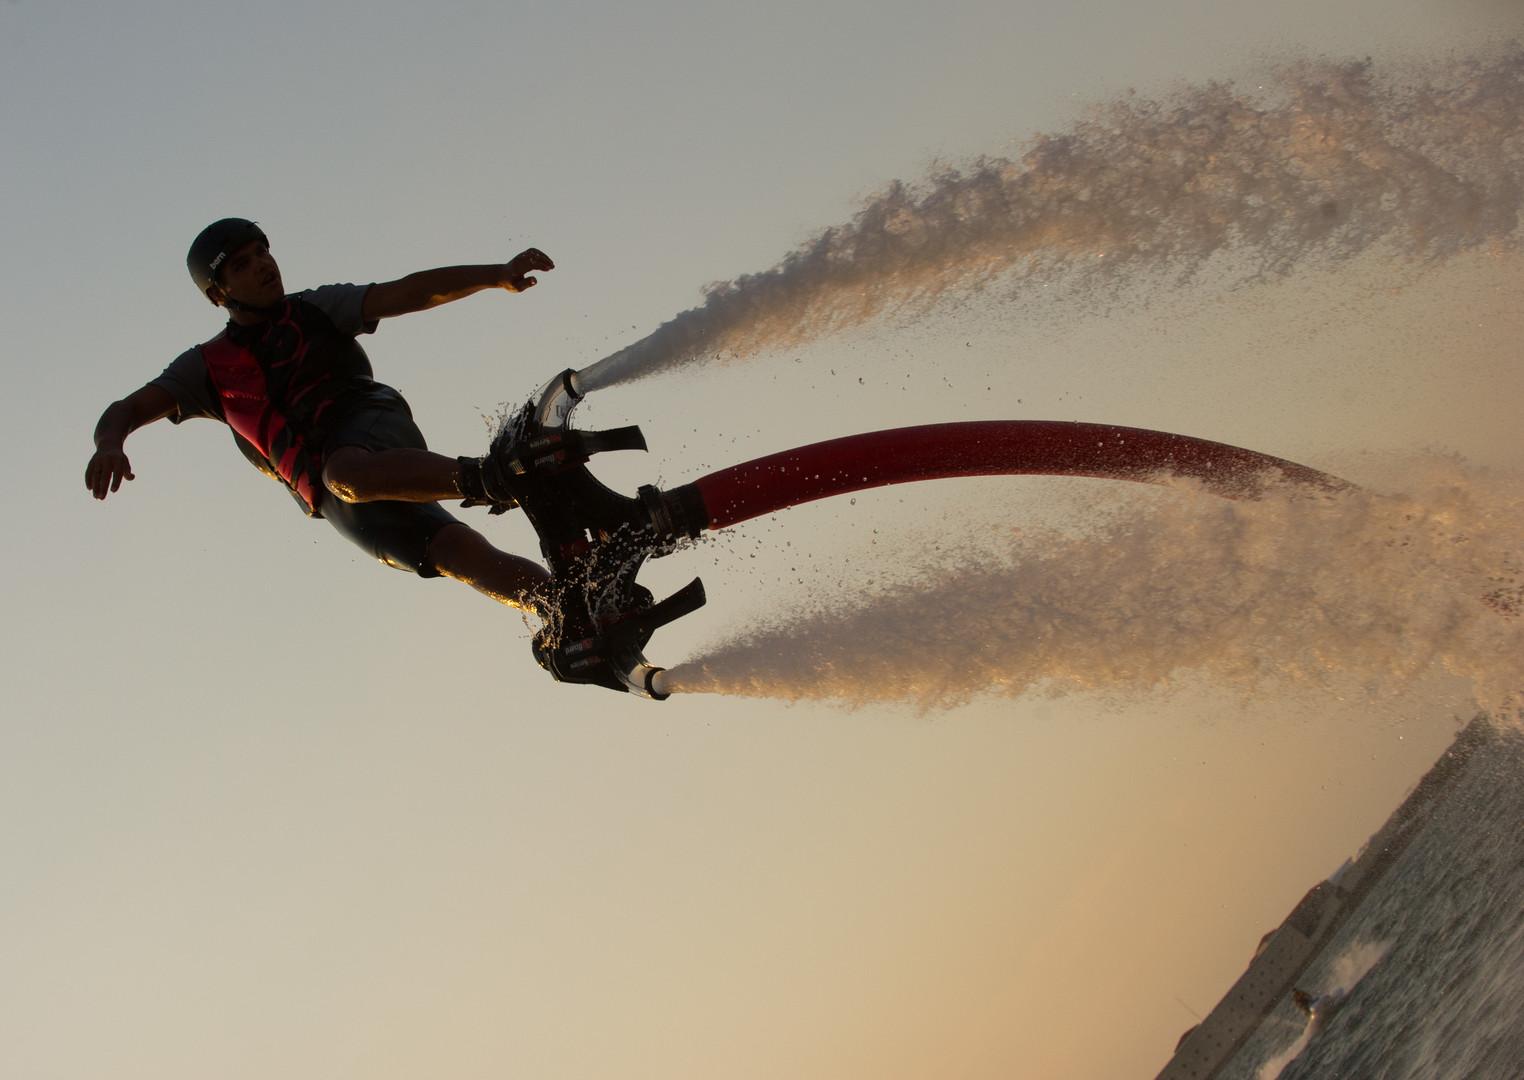 Flyboarding ist eine neue Extremsportart. Man bewegt sich unter Wasser und in der Luft auf einem Wassebrett, das durch den Wasserstrahl-Rückstoß eines Jetskis angetrieben wird.